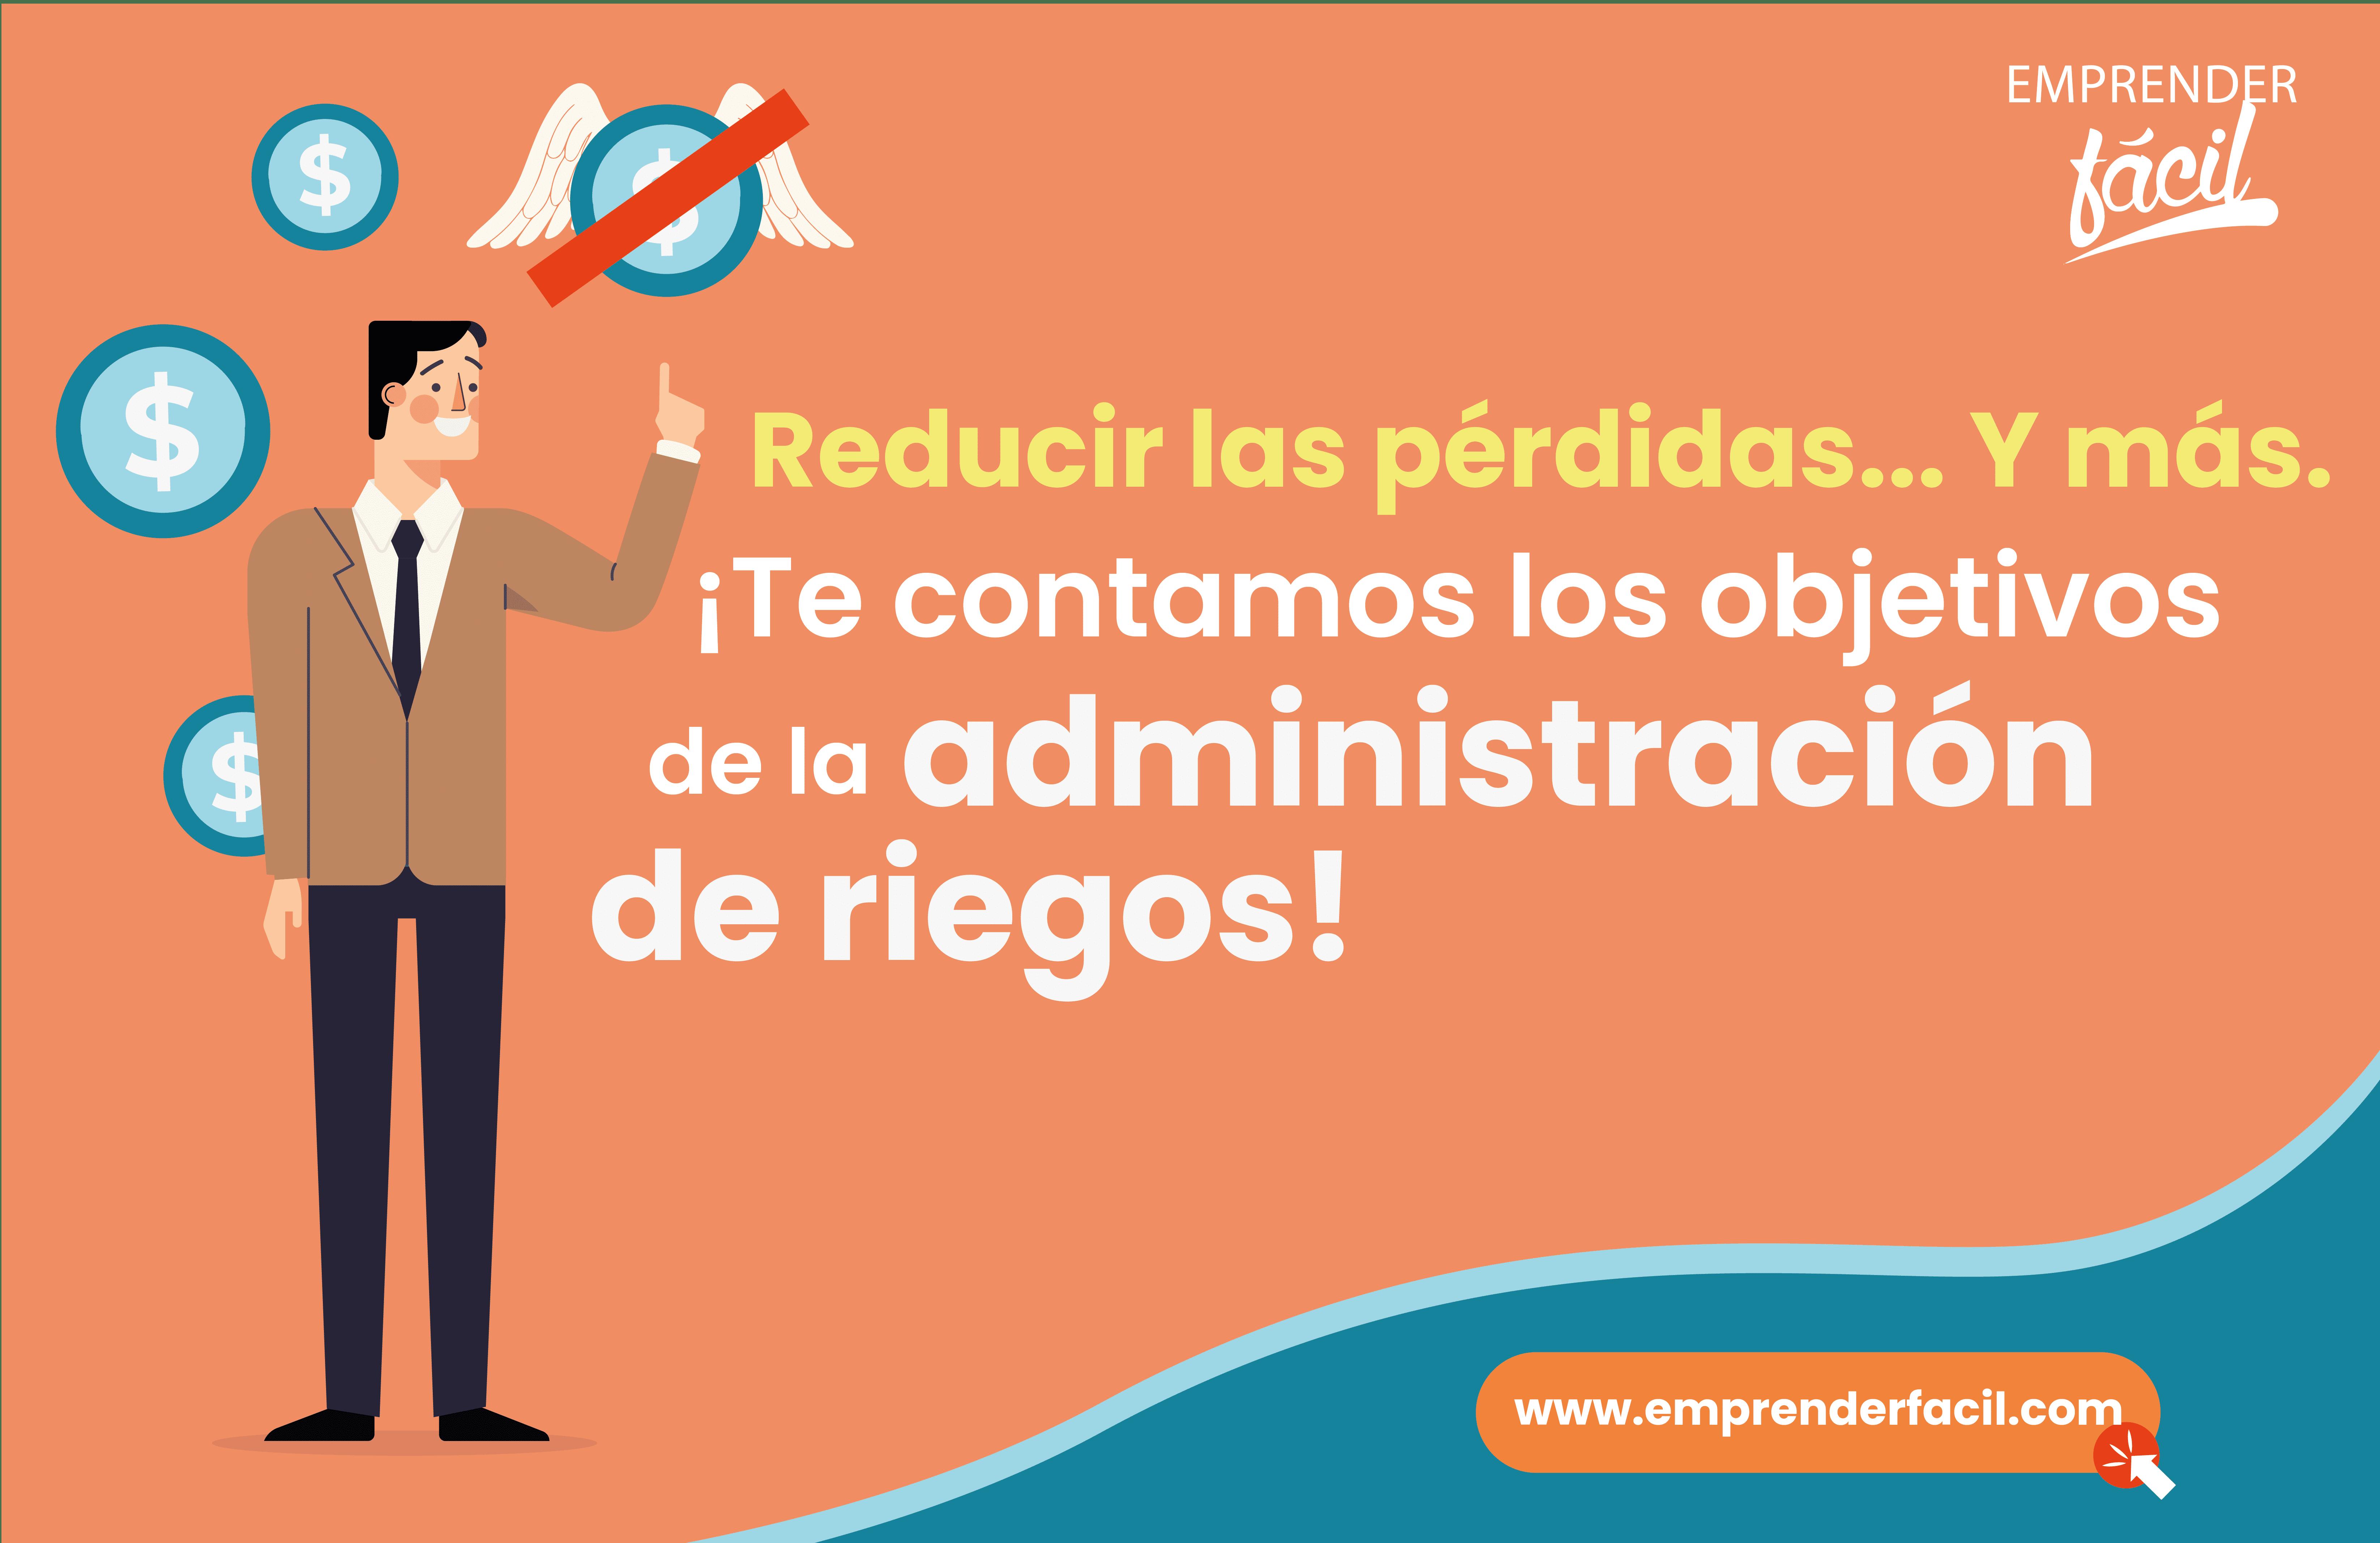 La administración de riesgos permite Identificar los posibles riesgos que tiene la función, actividad o proceso de la empresa.